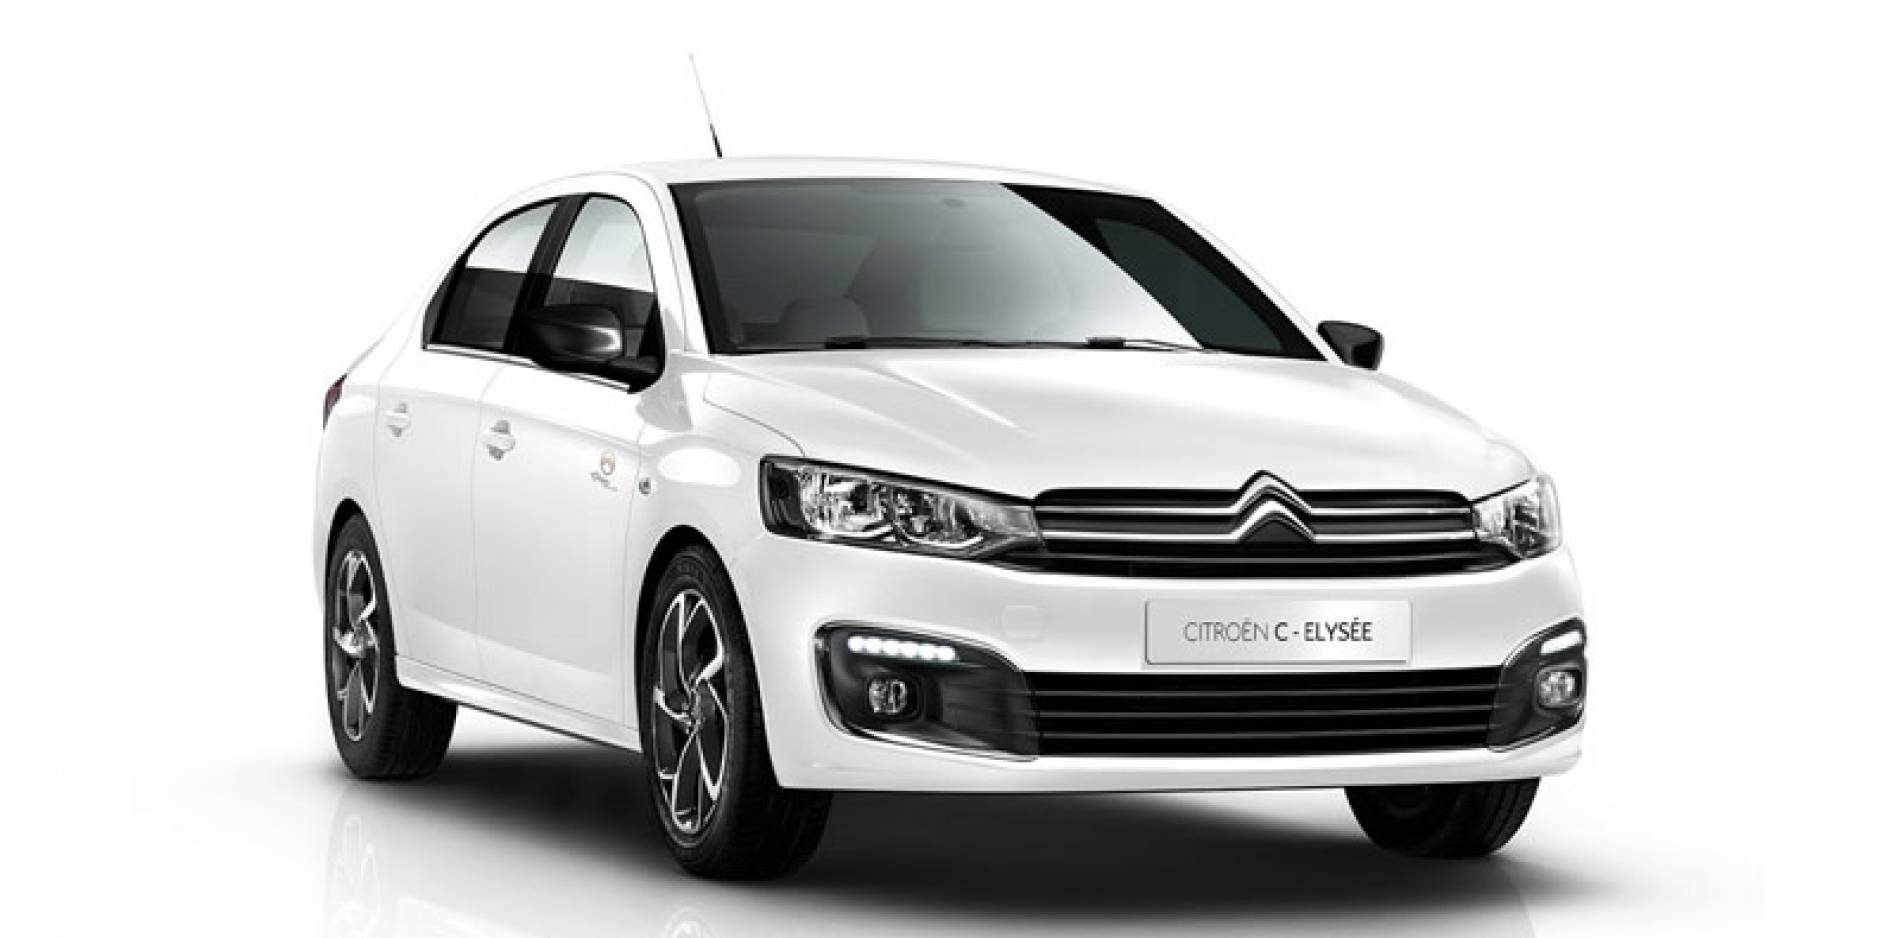 El Citroën C-Elysée celebra el centenario de la marca con el nuevo acabado Origins